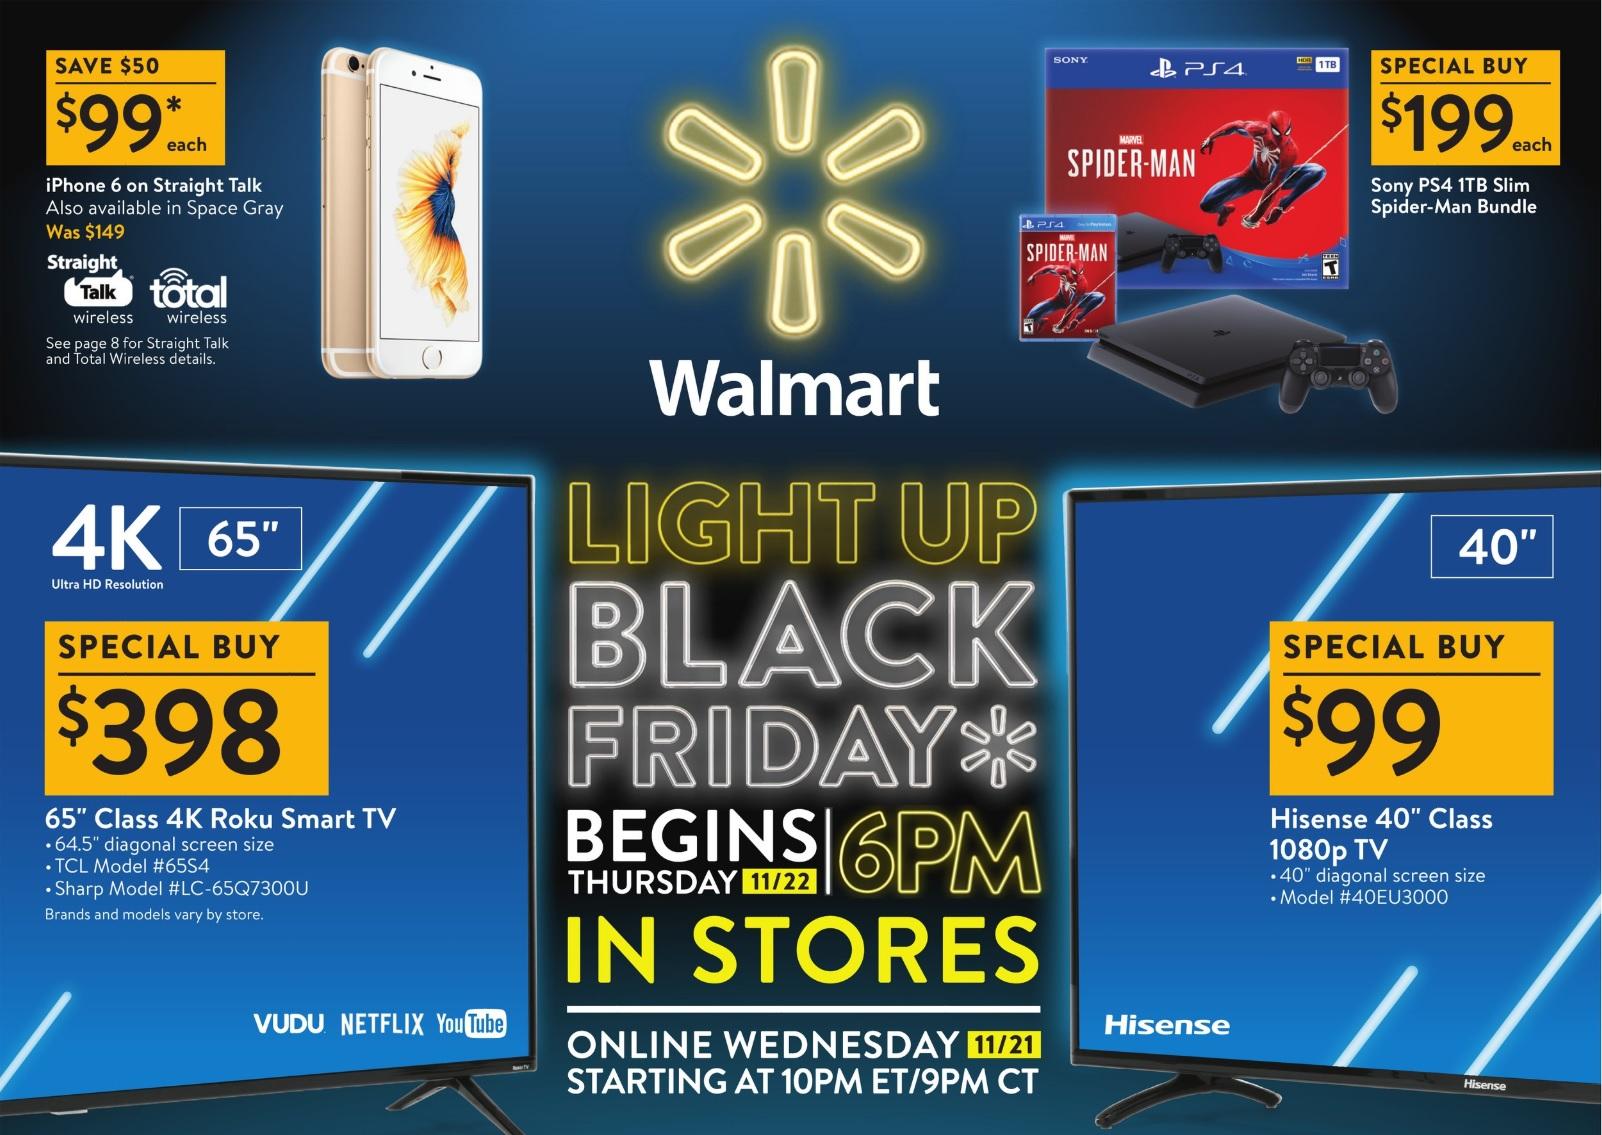 A Walmart Black Friday 2018 deals poster.